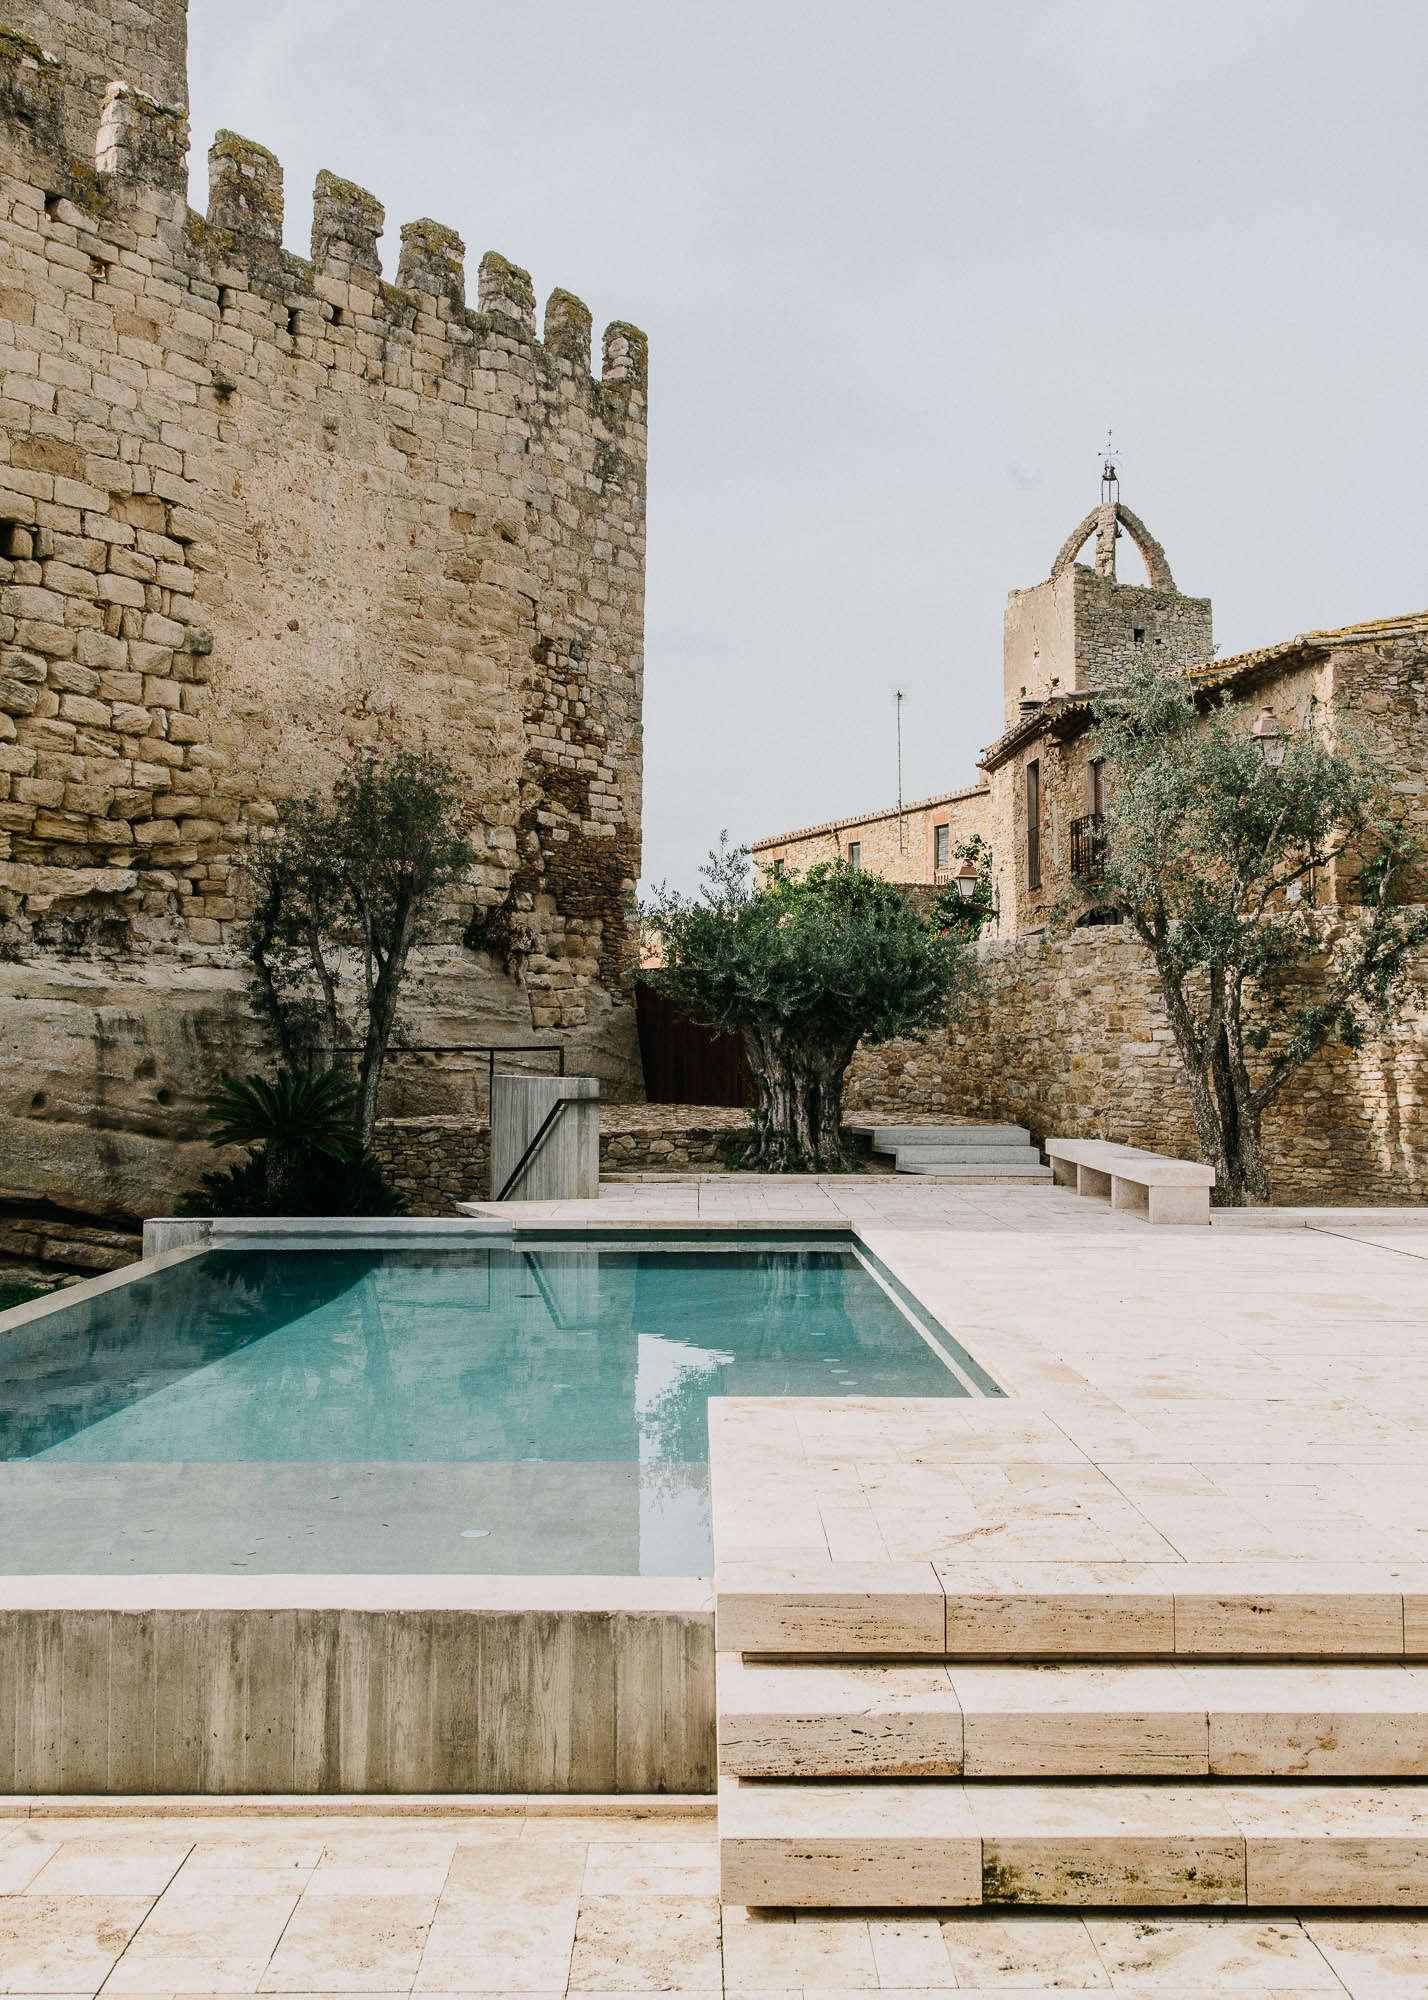 Castell-de-peratallada-pool-gardenista-10